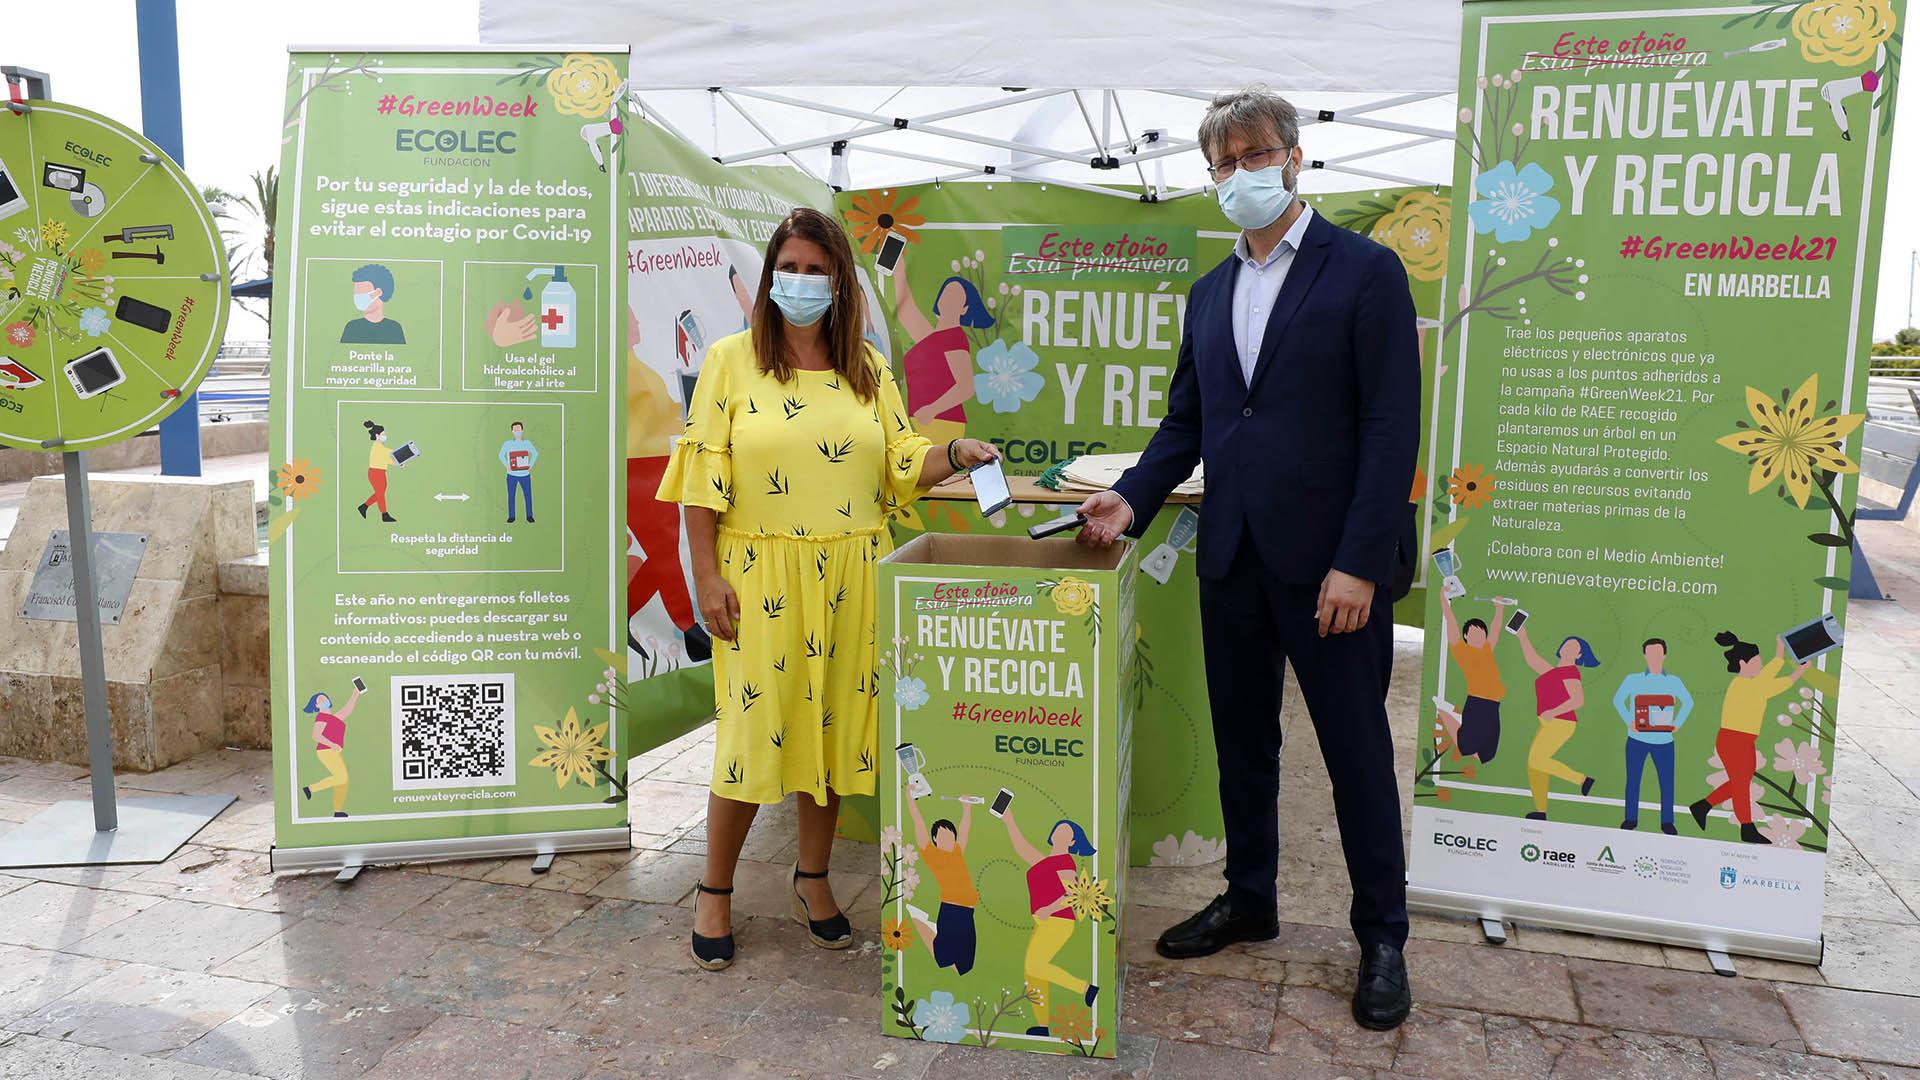 Campaña de reciclaje de aparatos electrónicos y electrodomésticos